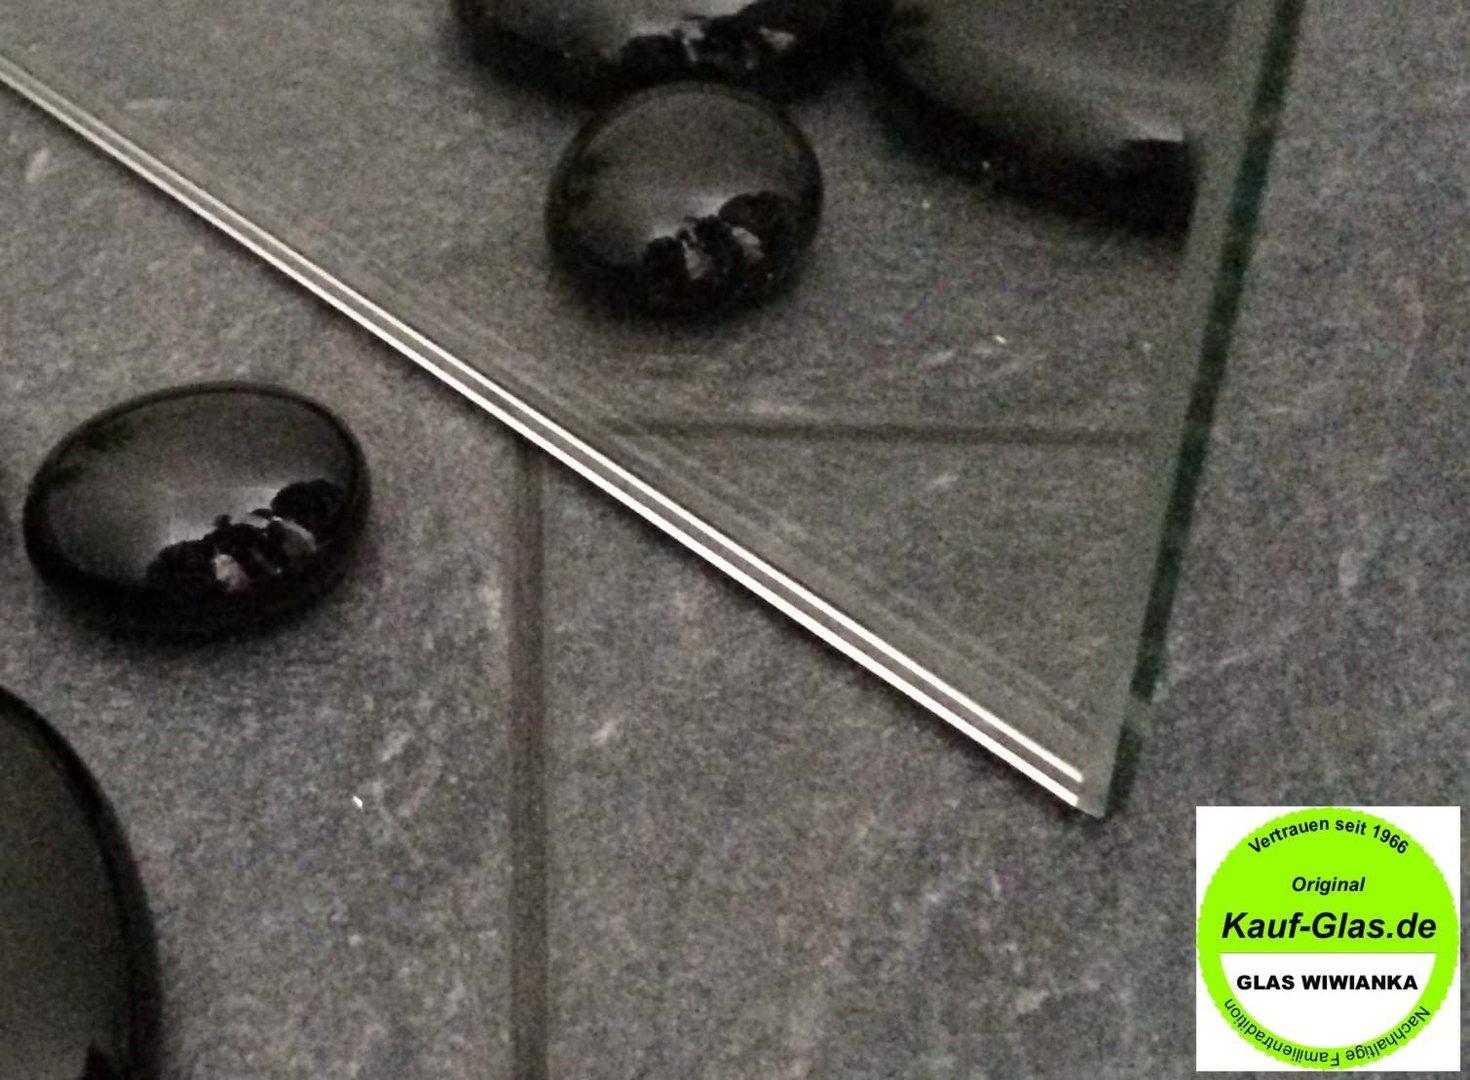 glasplatte wandspiegel badspiegel sicherheitsglas. Black Bedroom Furniture Sets. Home Design Ideas